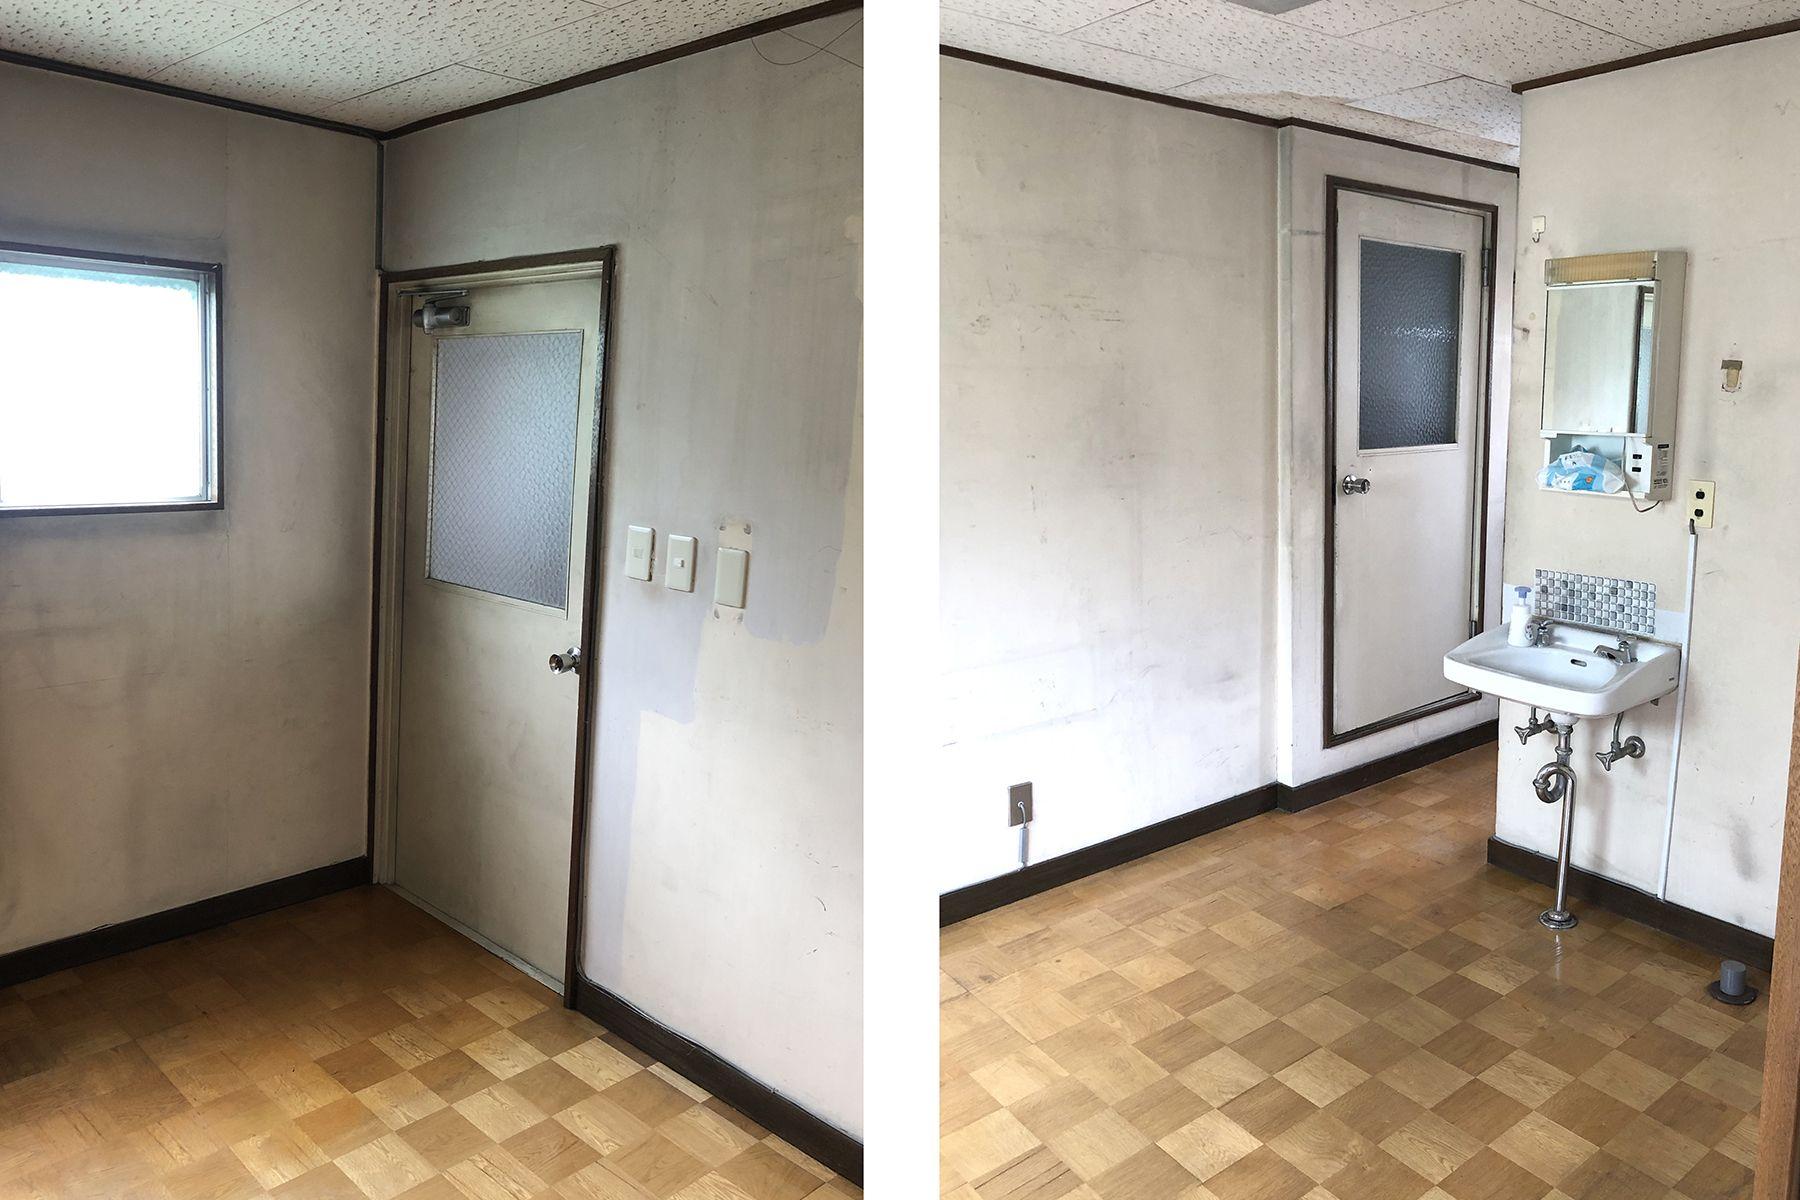 塩/シェアアトリエ (ropeマネジメントスペース)3F 洋室隣部屋、洗面と浴室